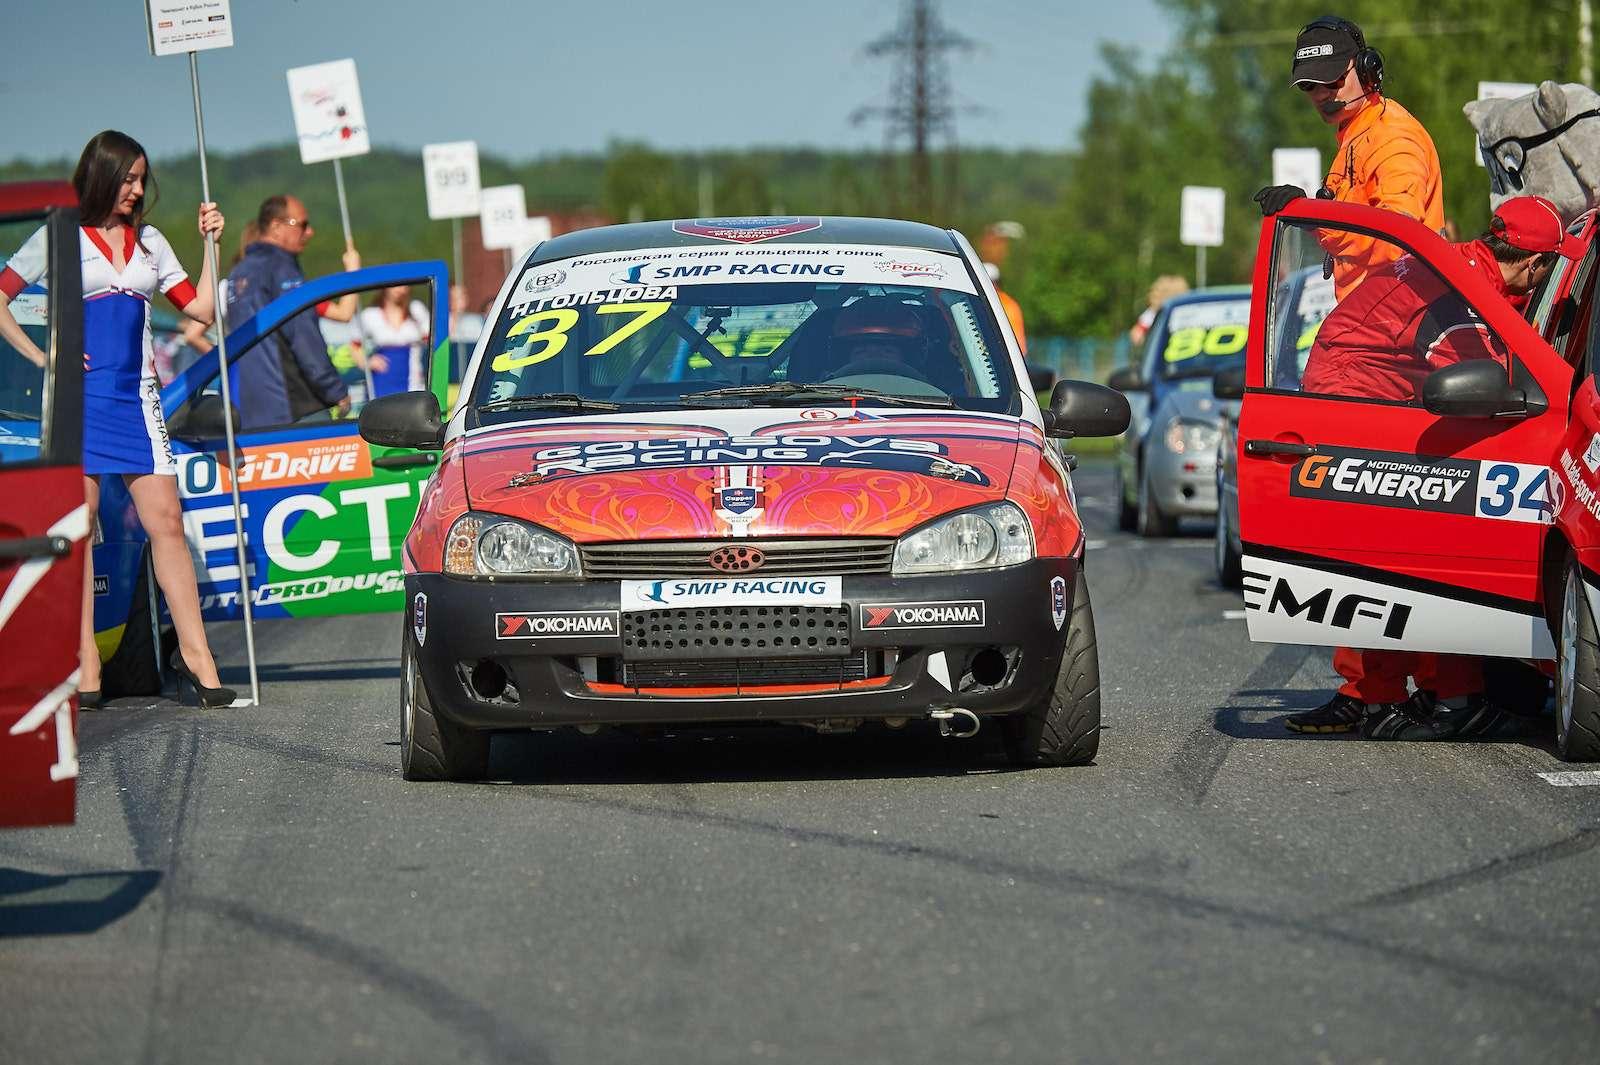 Lada против всех: есть ли уроссийской марки шансы победить вгонках?— фото 591048